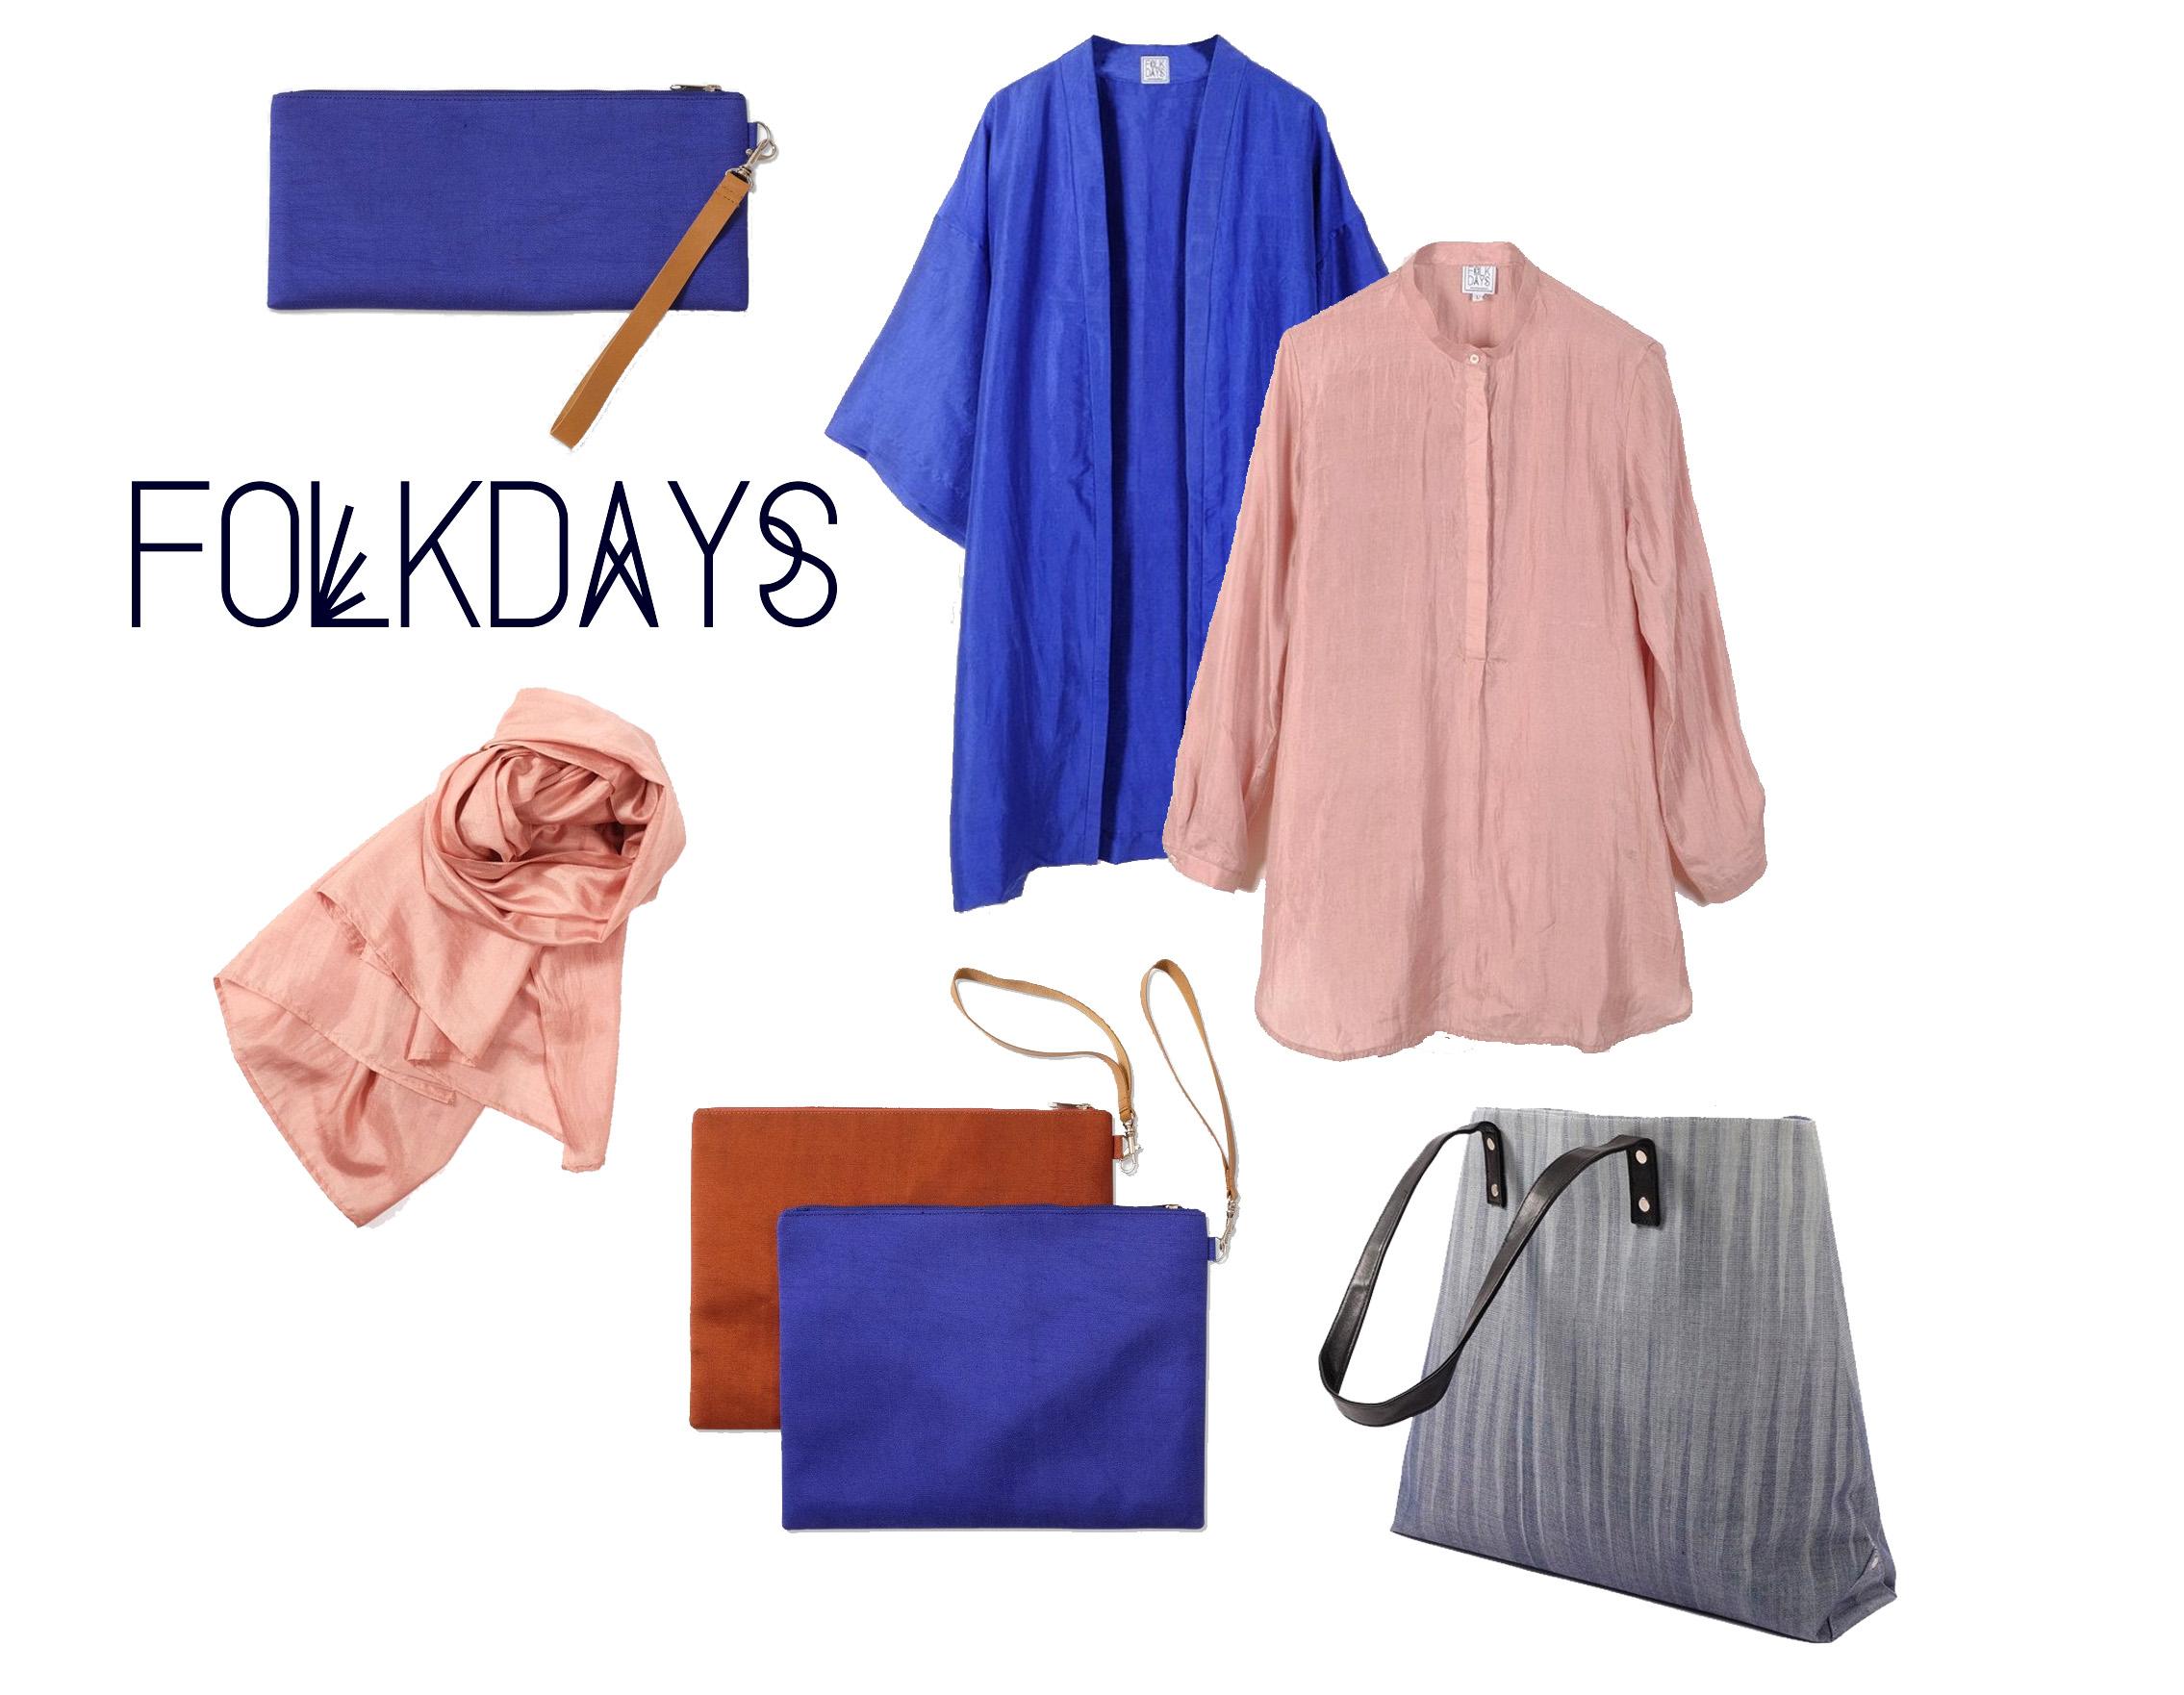 folkdays color silk